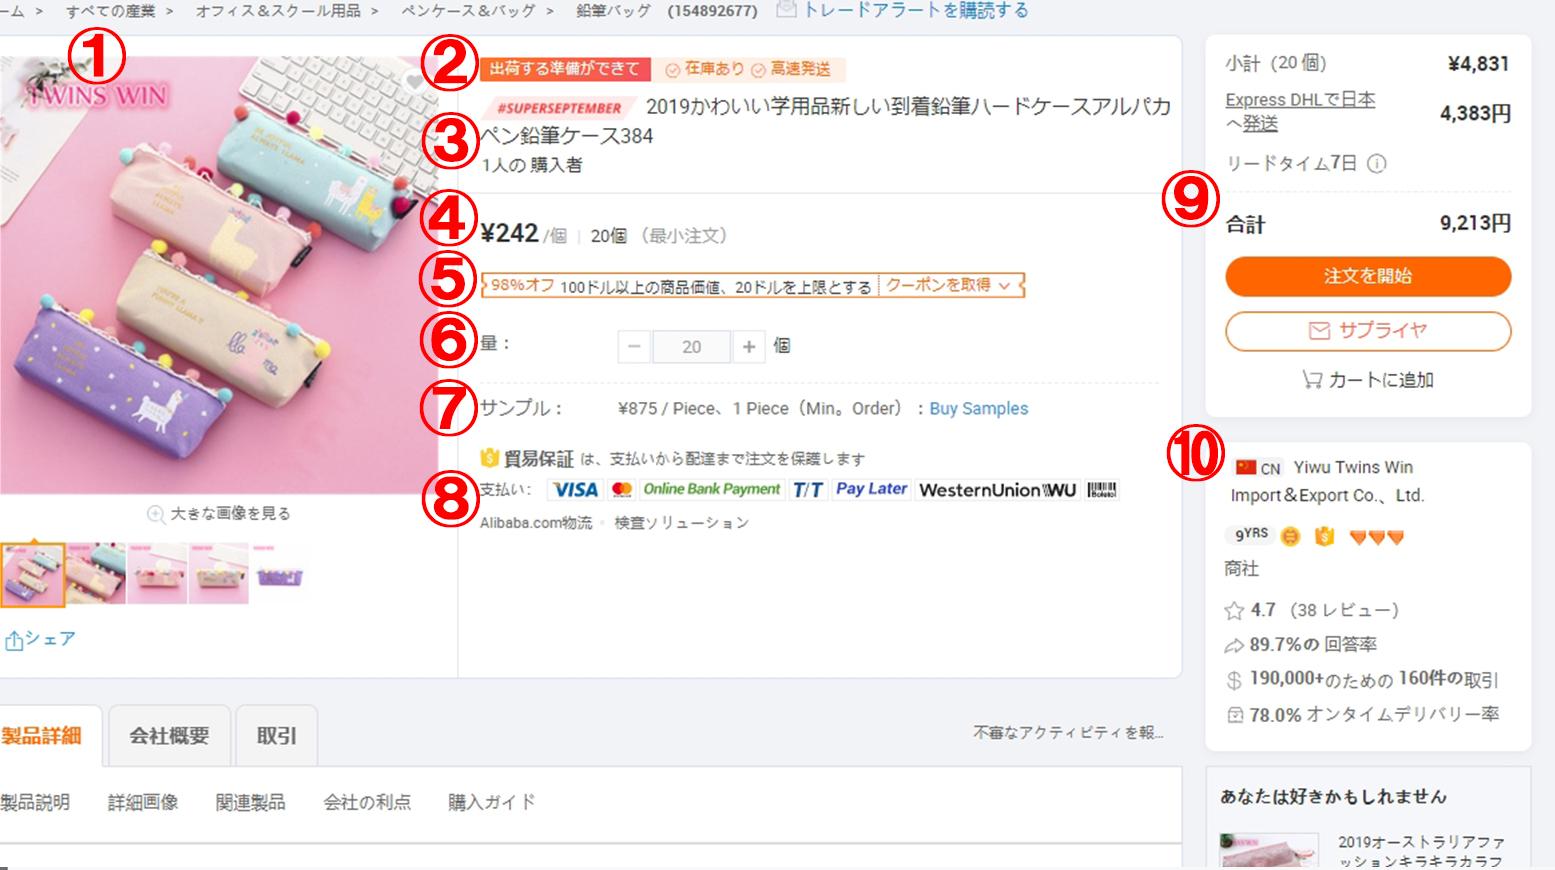 アリババドットコム(alibaba.com)商品ページ